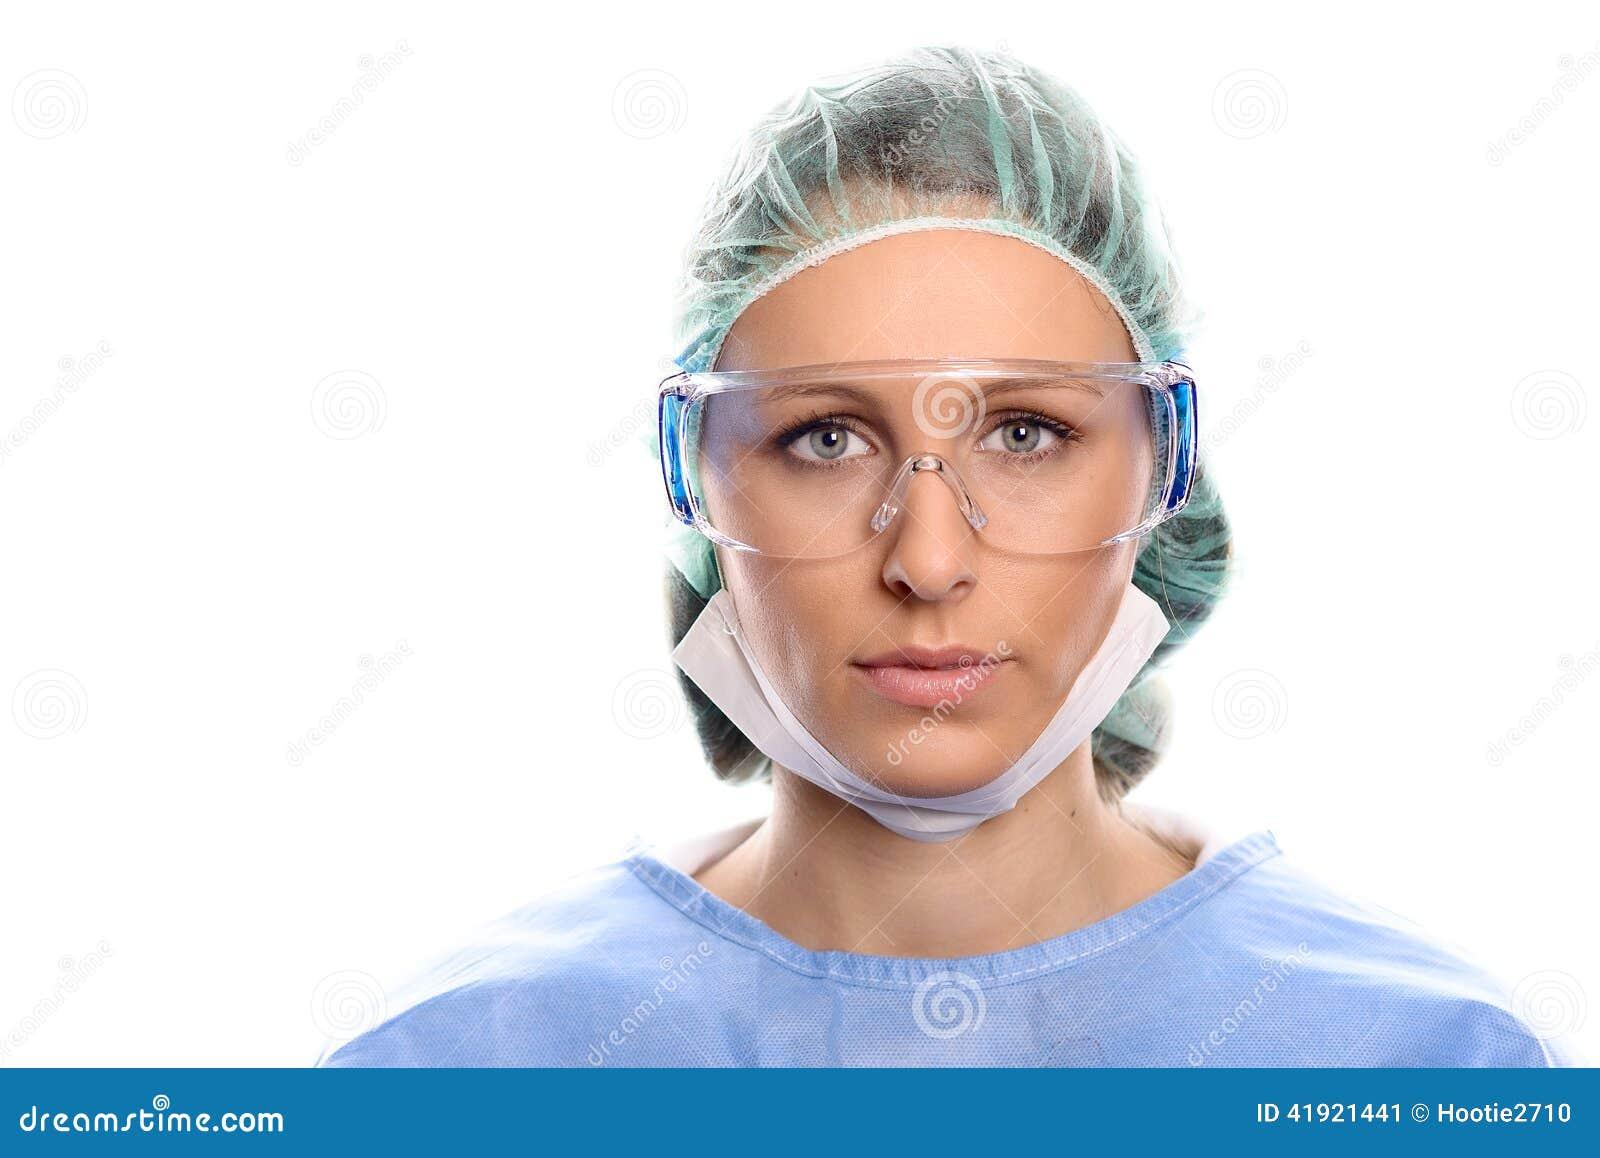 La enfermera o el doctor de los jóvenes en quirúrgico friega